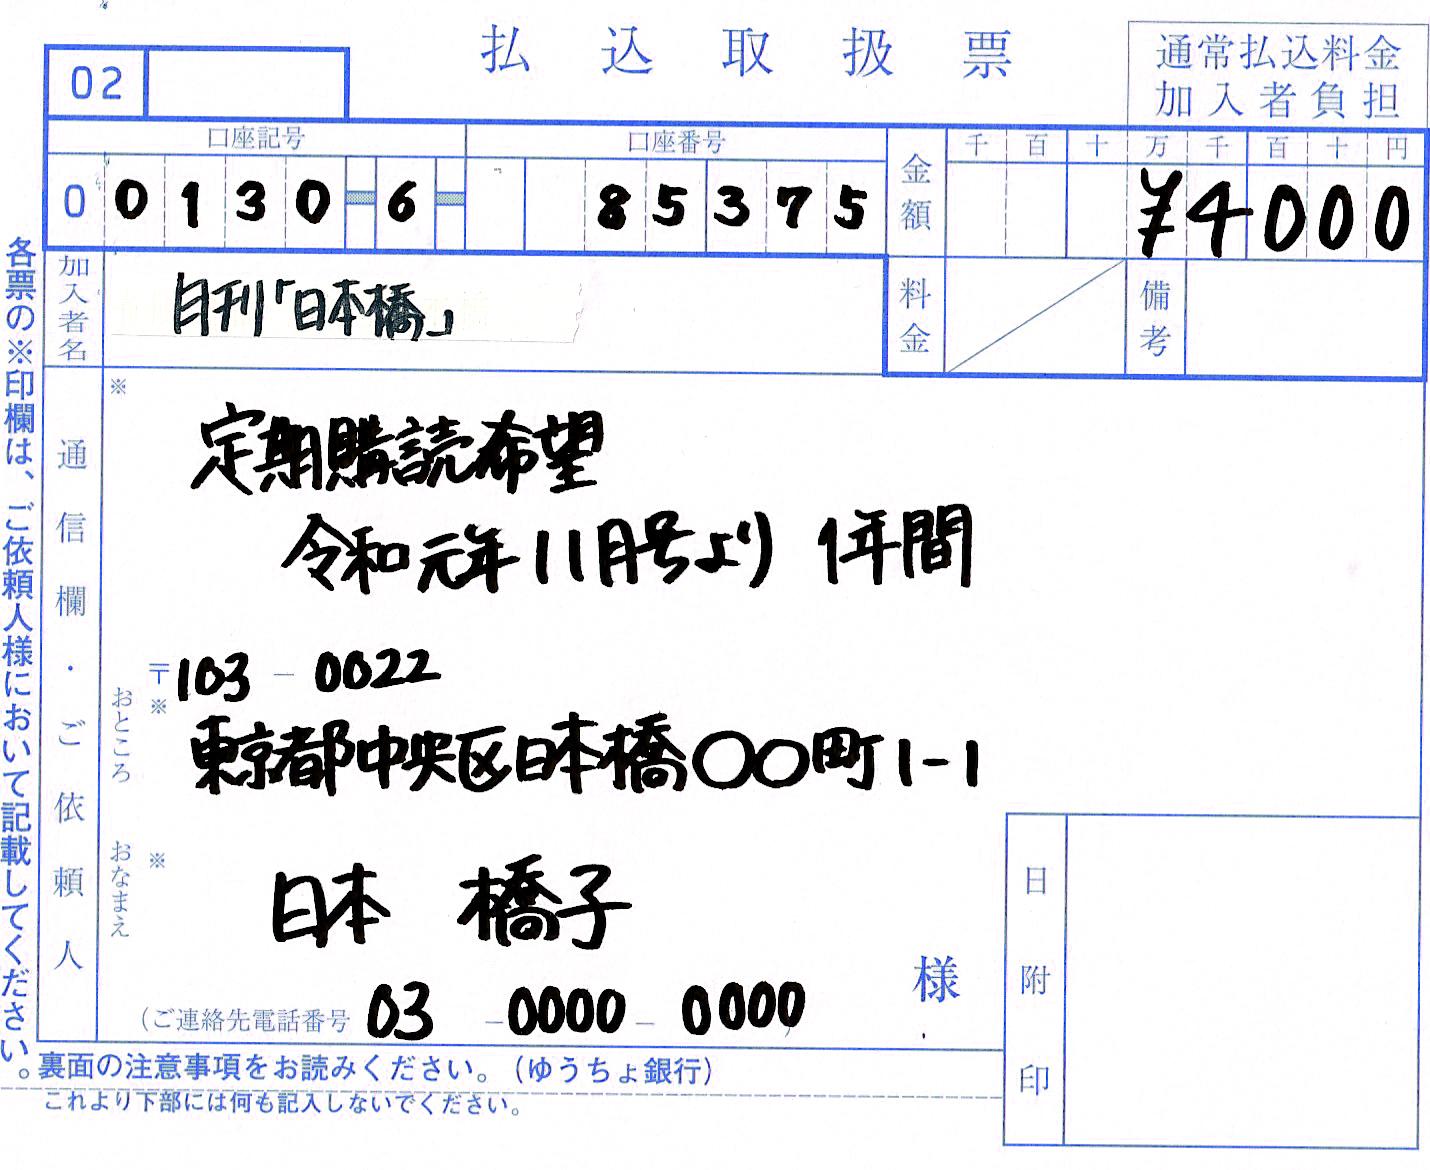 払込取扱票例1910